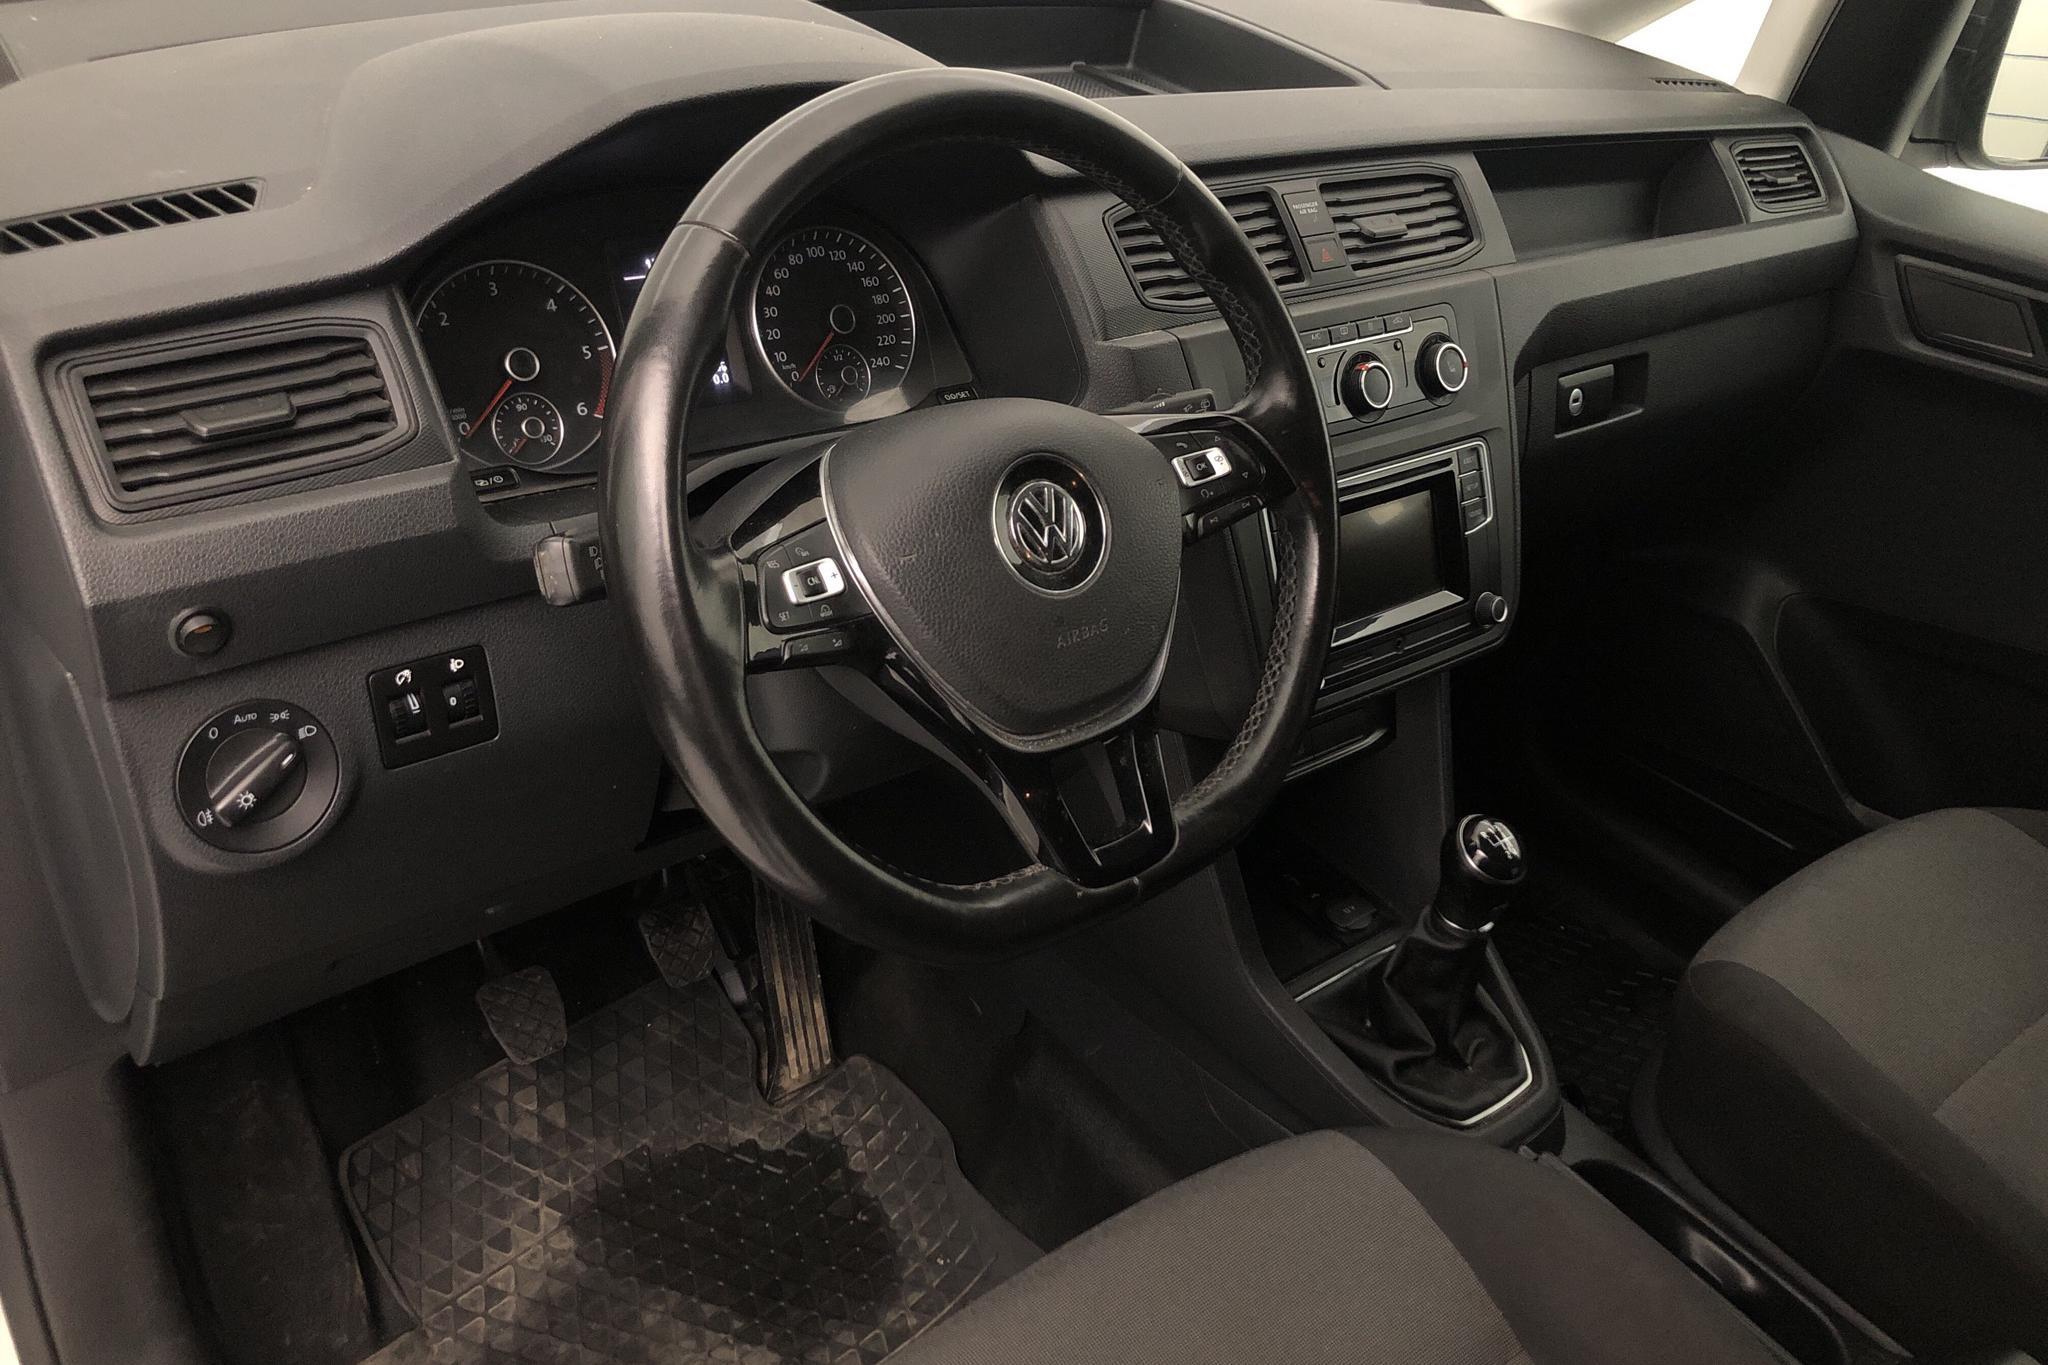 VW Caddy 2.0 TDI Skåp (75hk) - 7 728 mil - Manuell - vit - 2018